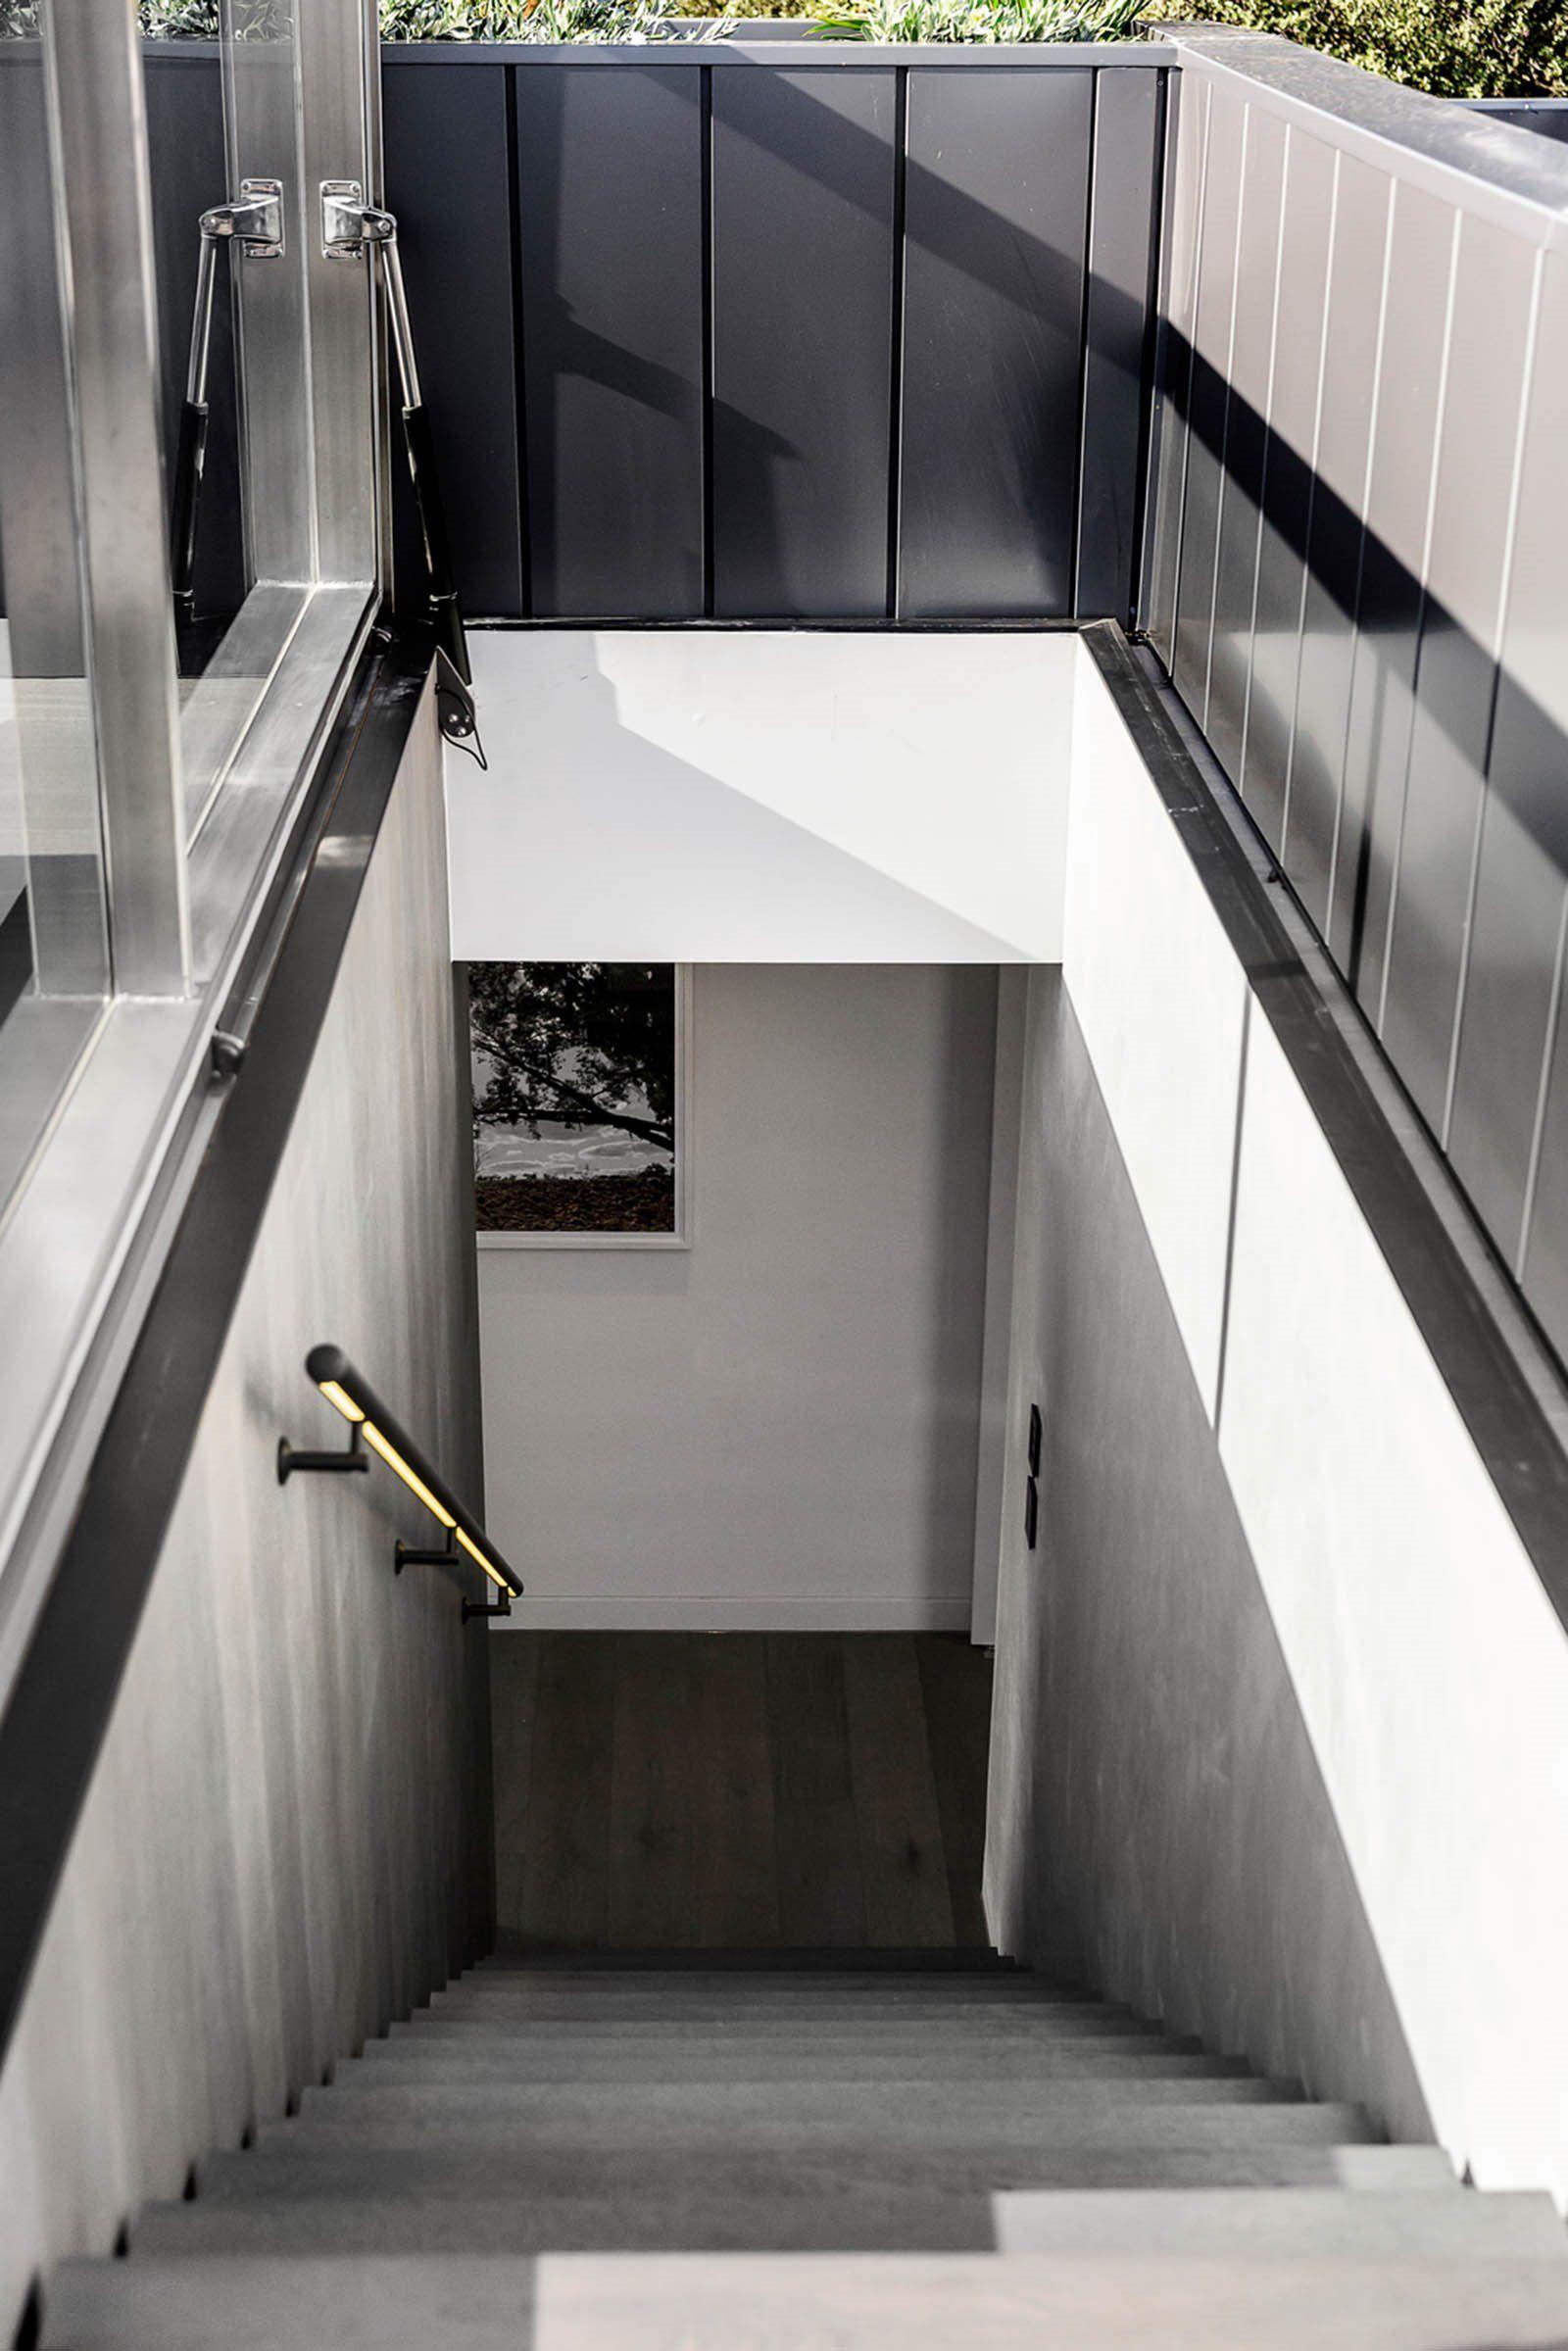 Escaleras con iluminación en la barandilla de estilo moderno